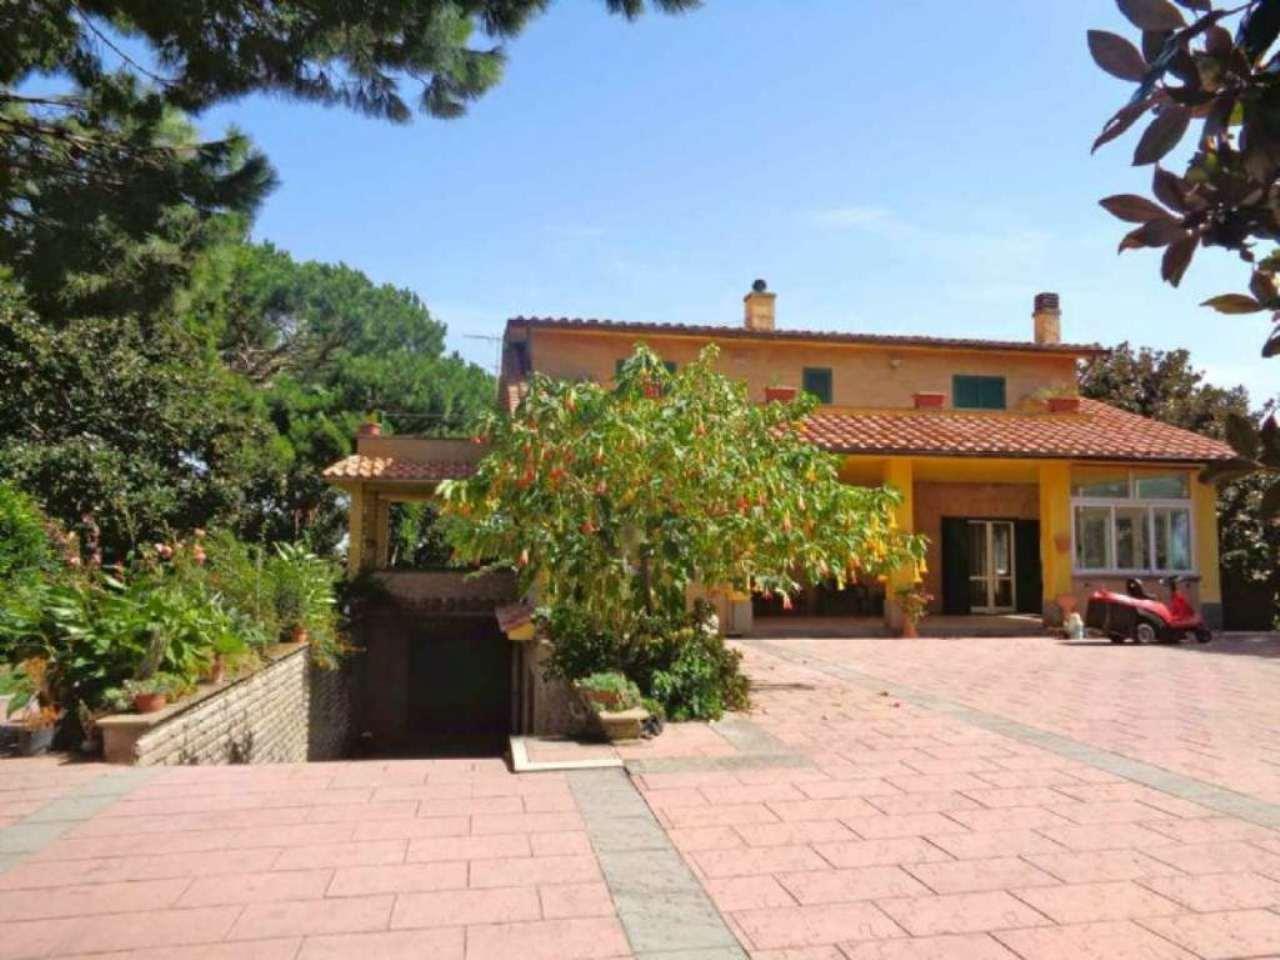 Villa in vendita a Nettuno, 9999 locali, prezzo € 489.000 | Cambio Casa.it